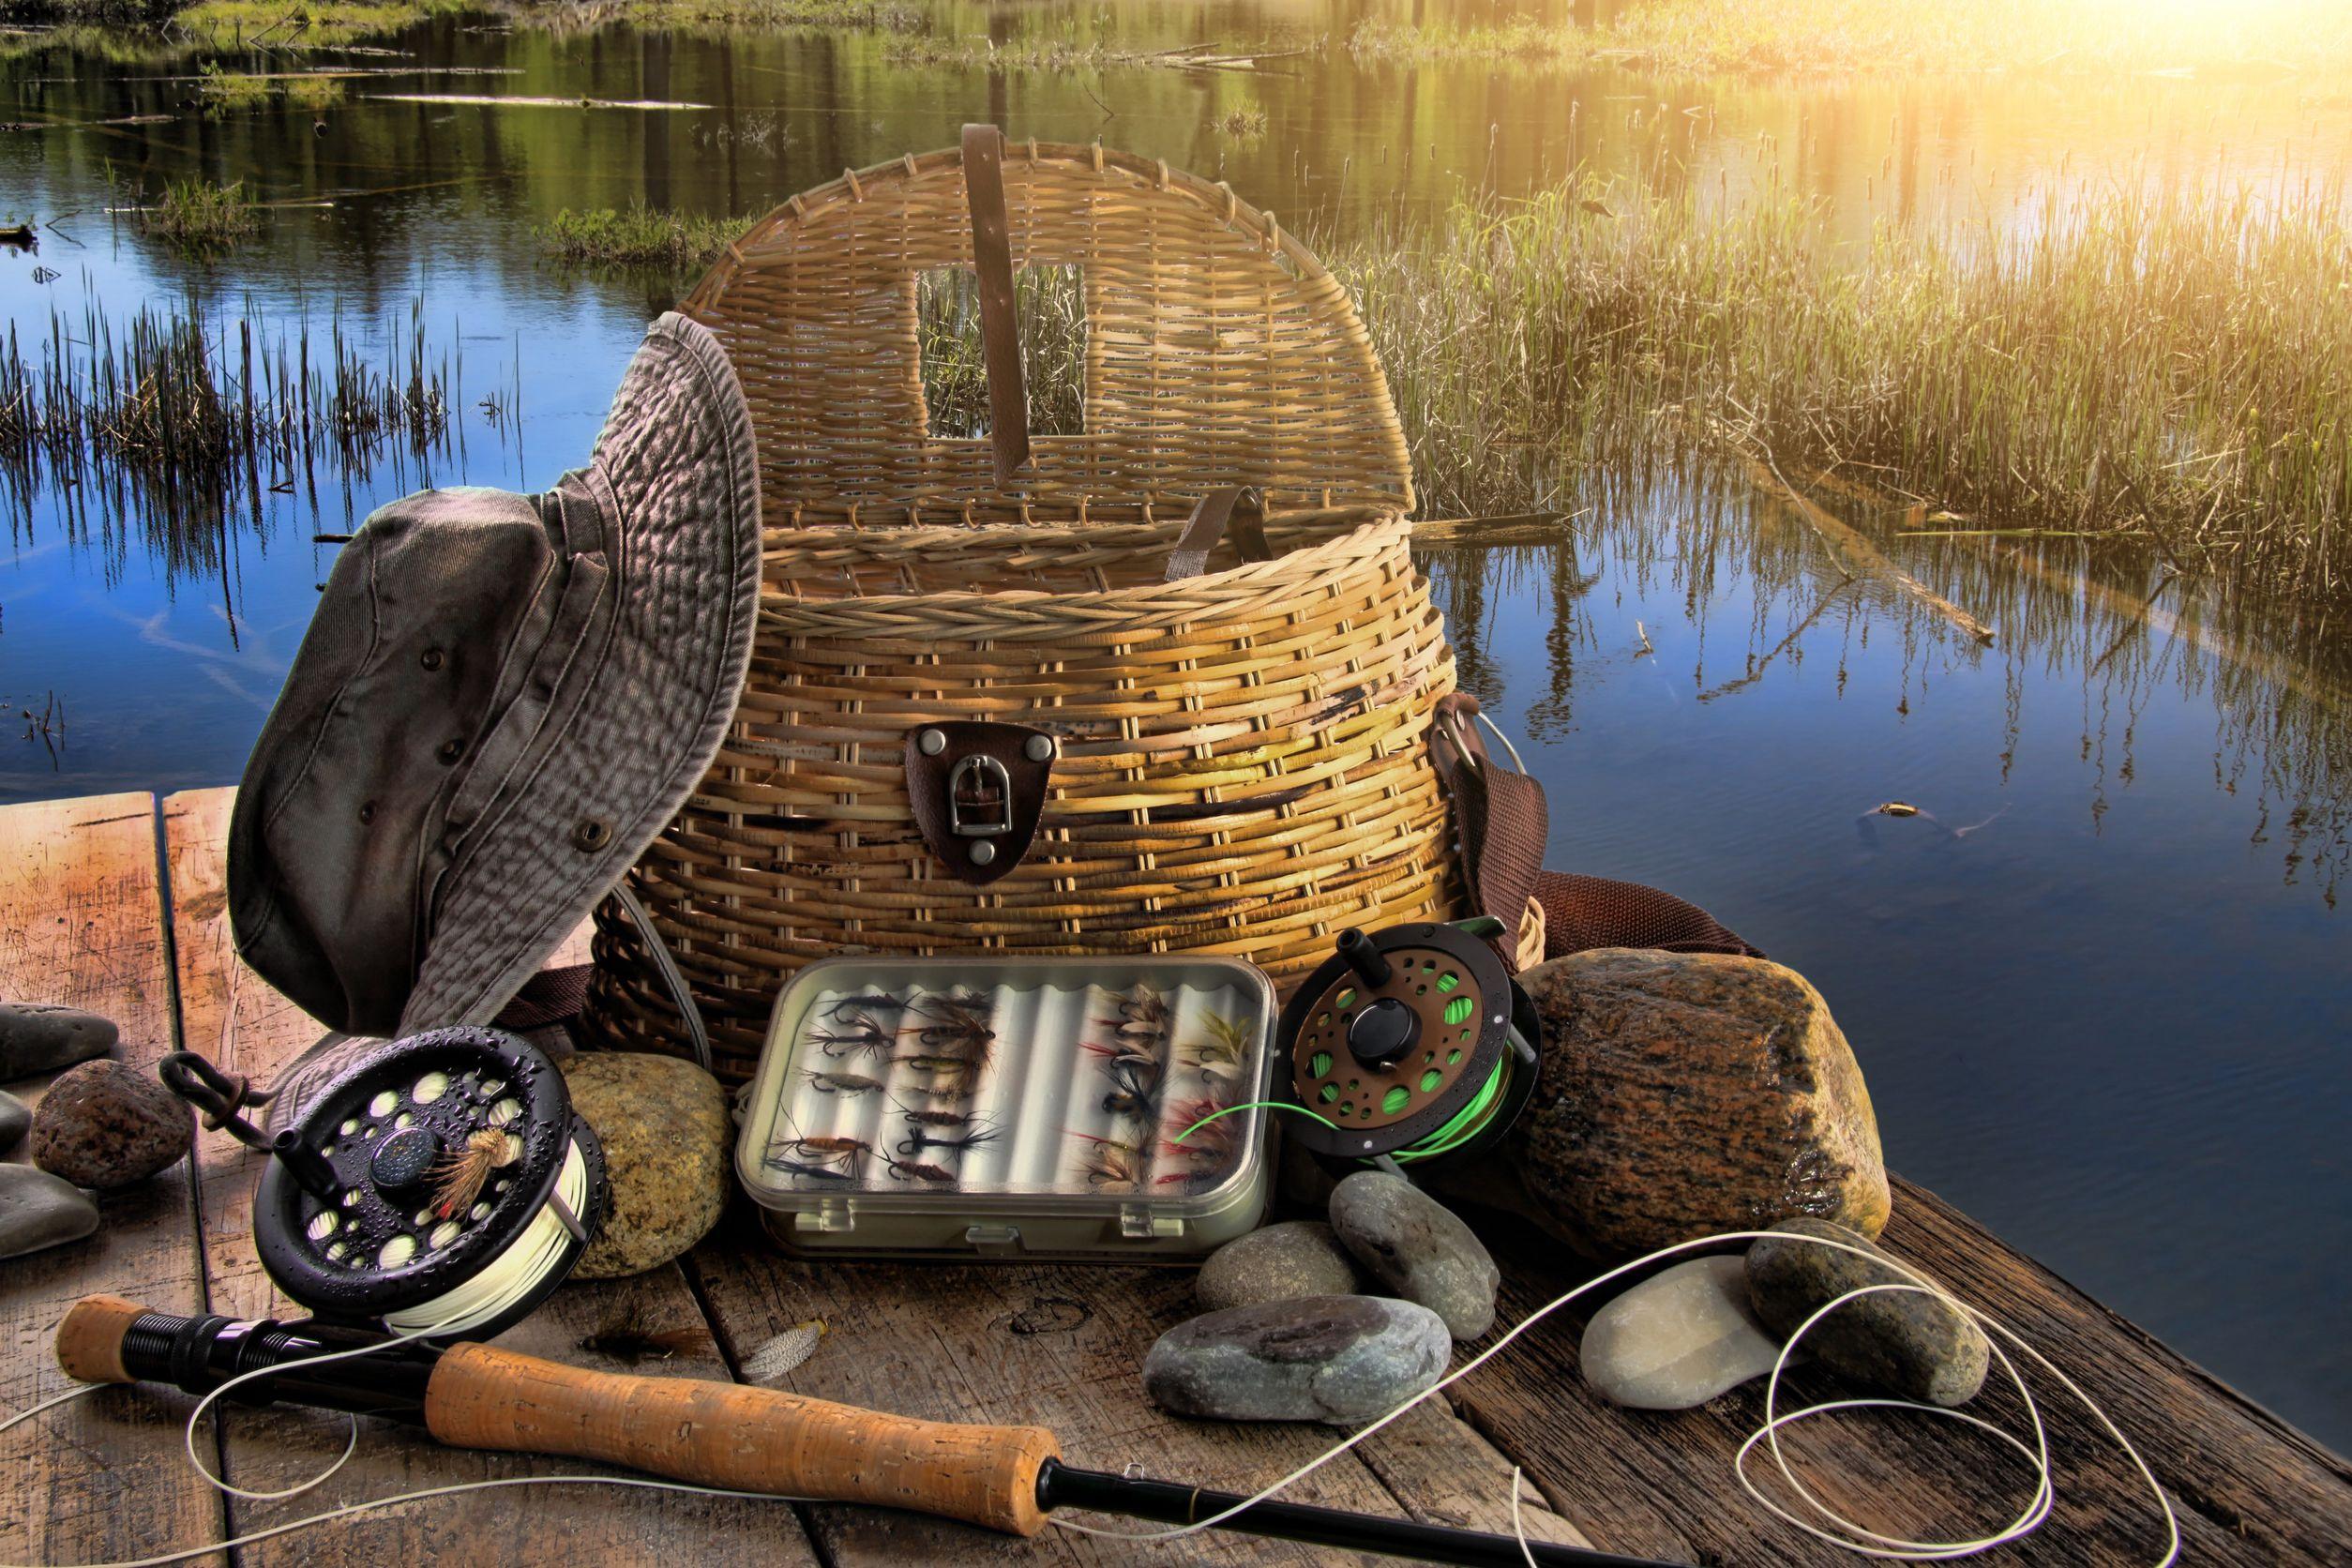 Varilla de tradicionales de pesca con mosca con equipos junto a un lago de final de la tarde